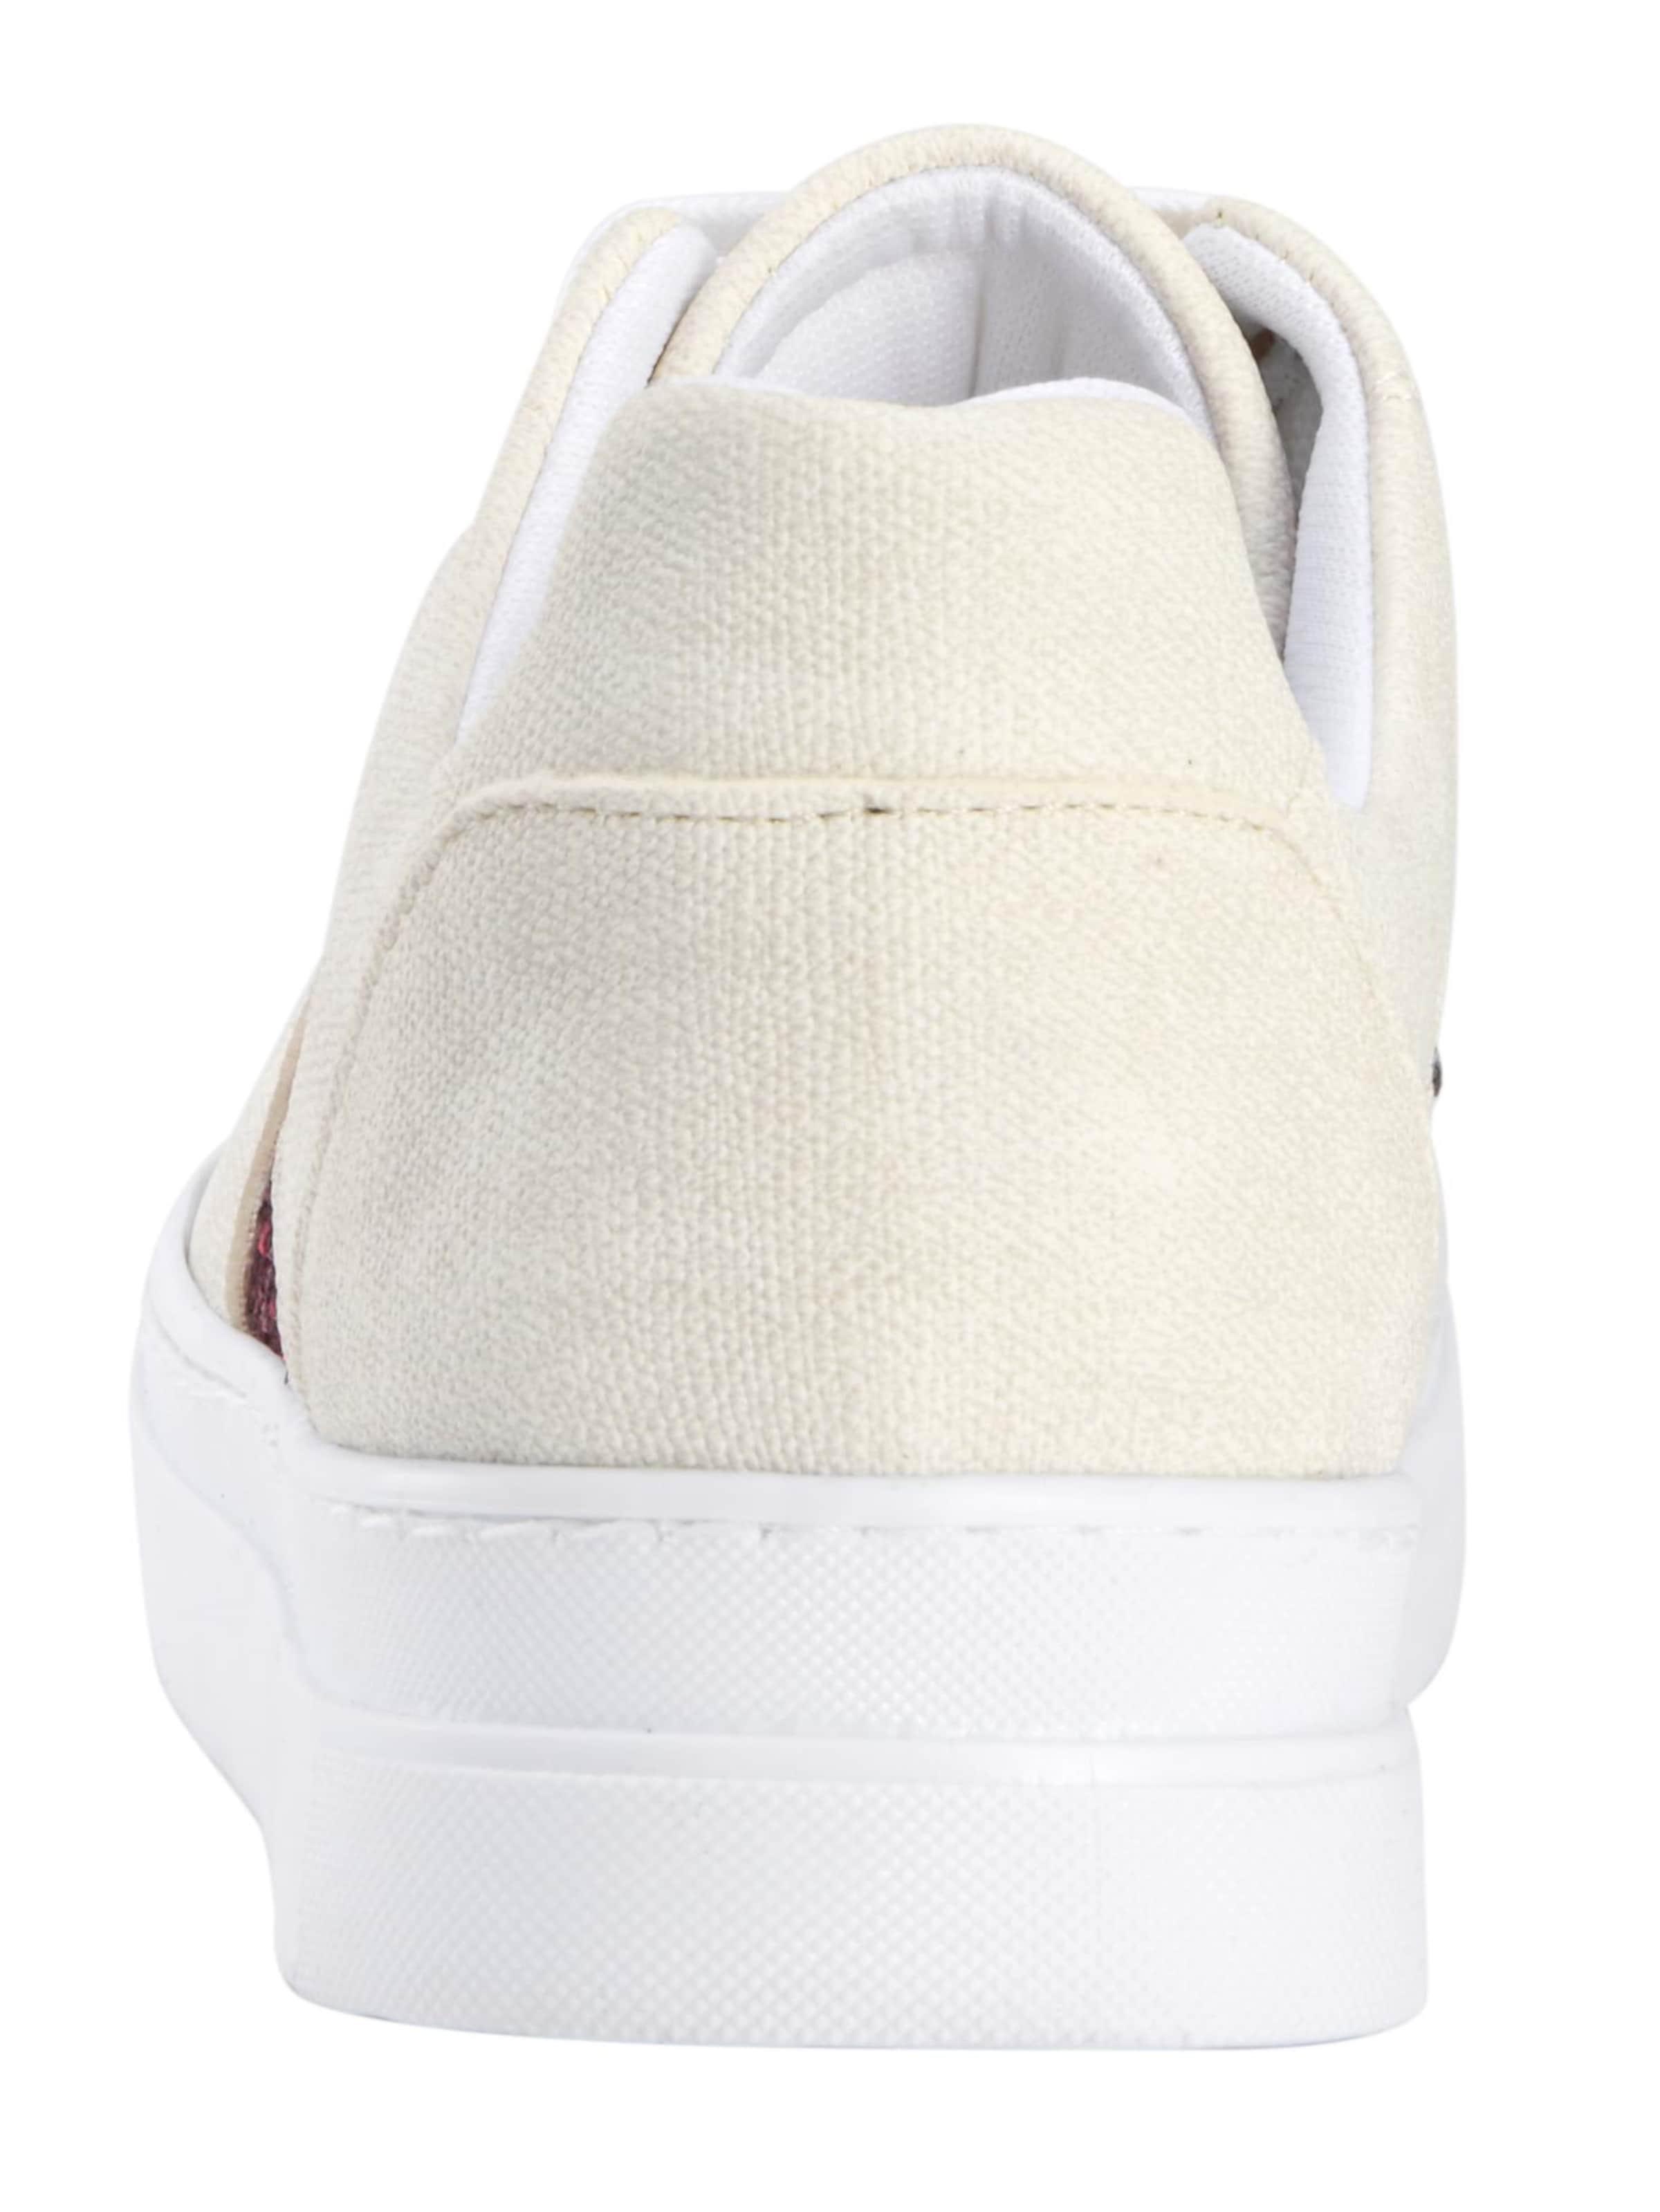 Weiß Conti Andrea BeigeRotmeliert Sneaker In 8nO0wPk